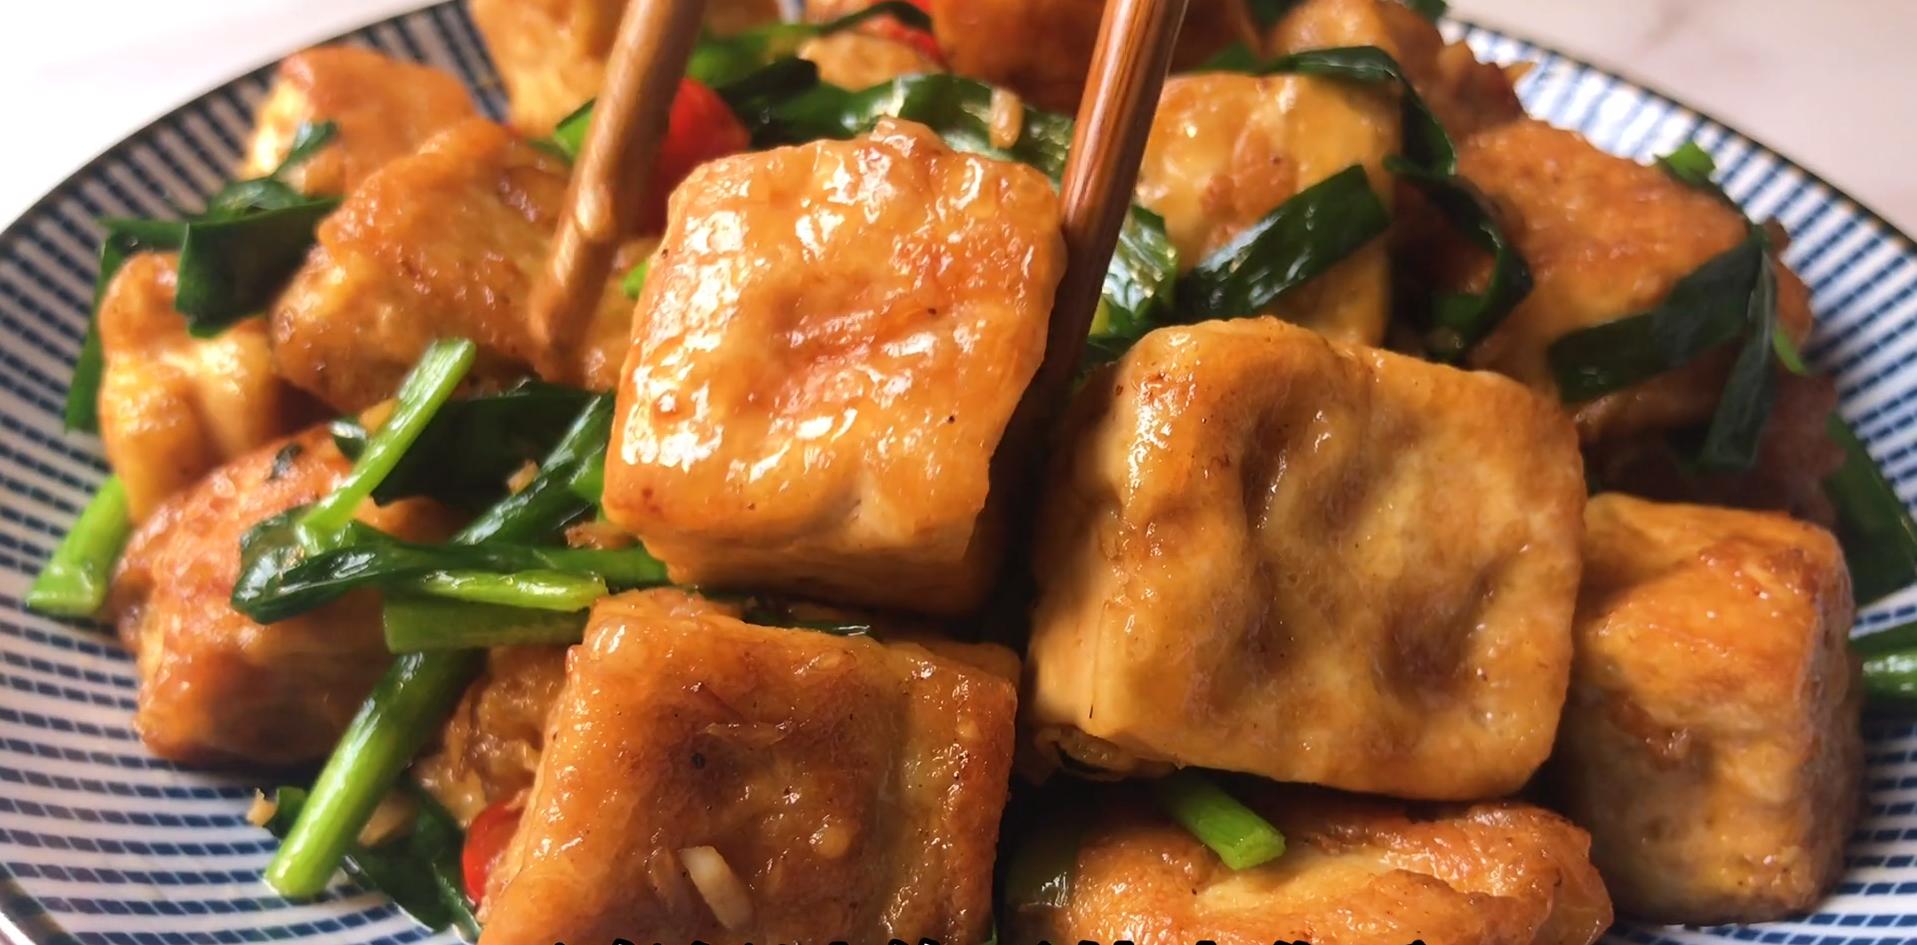 这才是豆腐最好吃的做法,简单易做,比麻婆豆腐好吃,上桌就光盘 美食做法 第15张